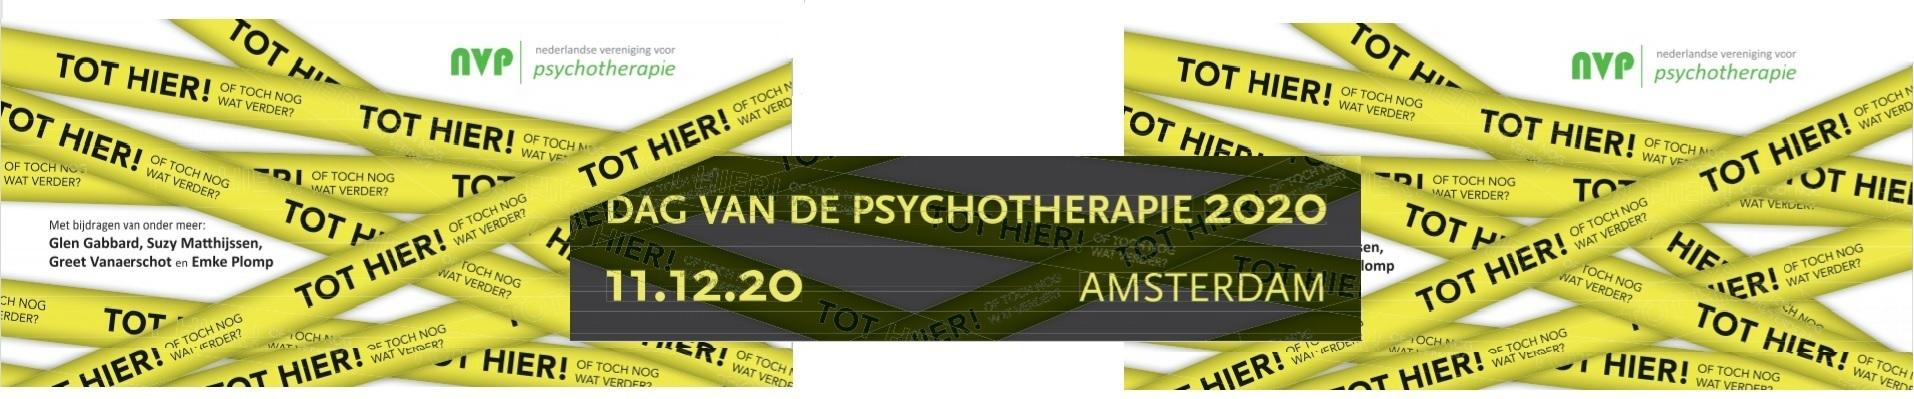 Dag van de Psychotherapie 2020